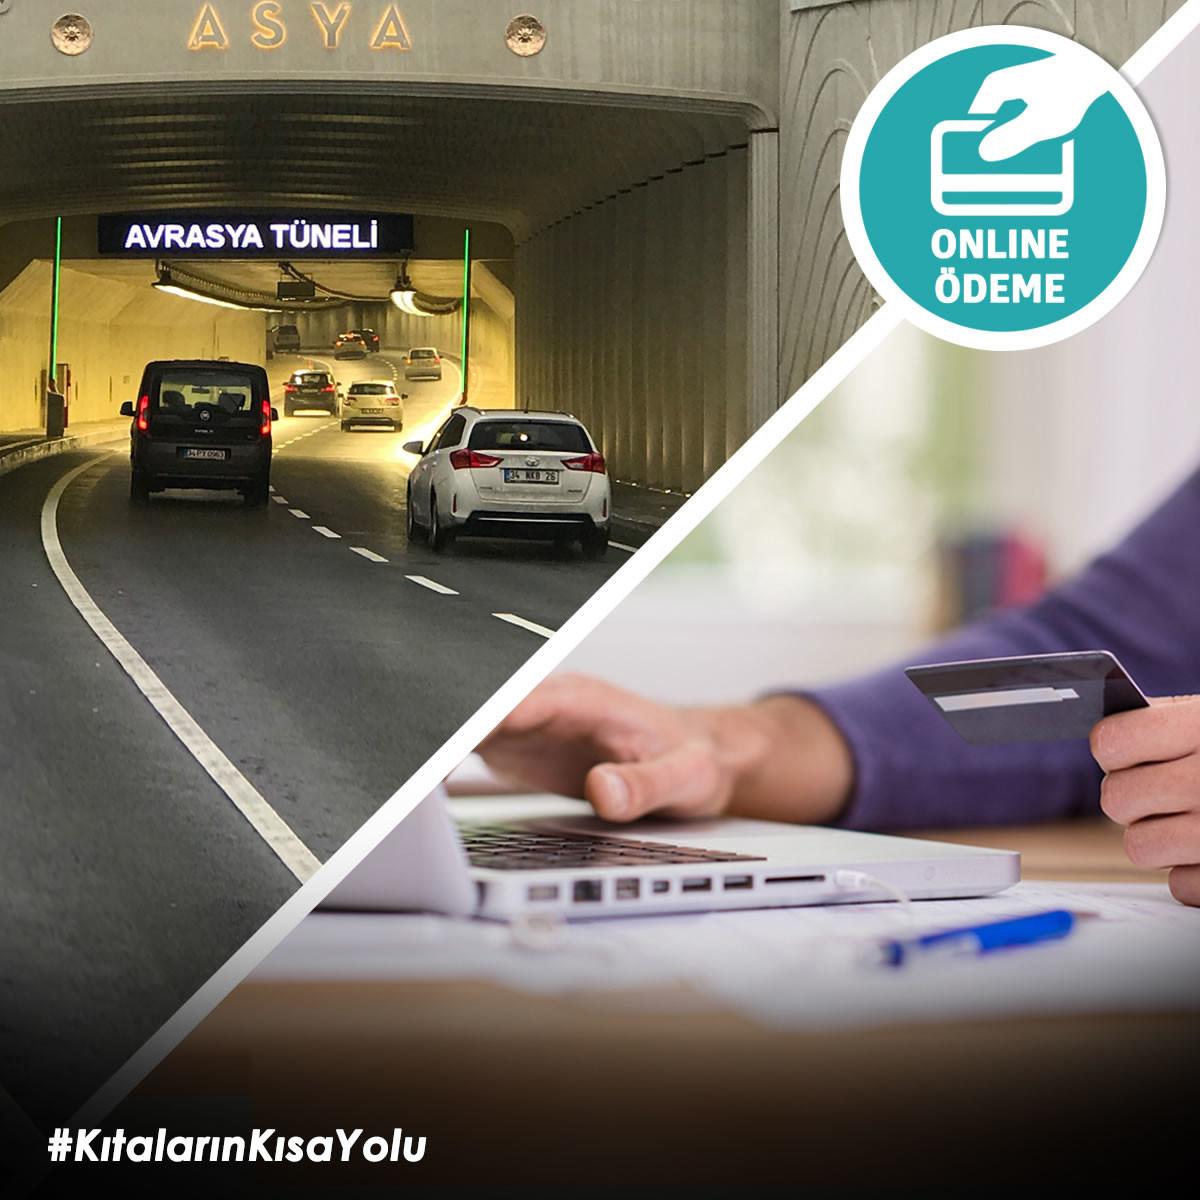 Avrasya Tüneli e-ödeme altyapısında yenilikçi çözü...